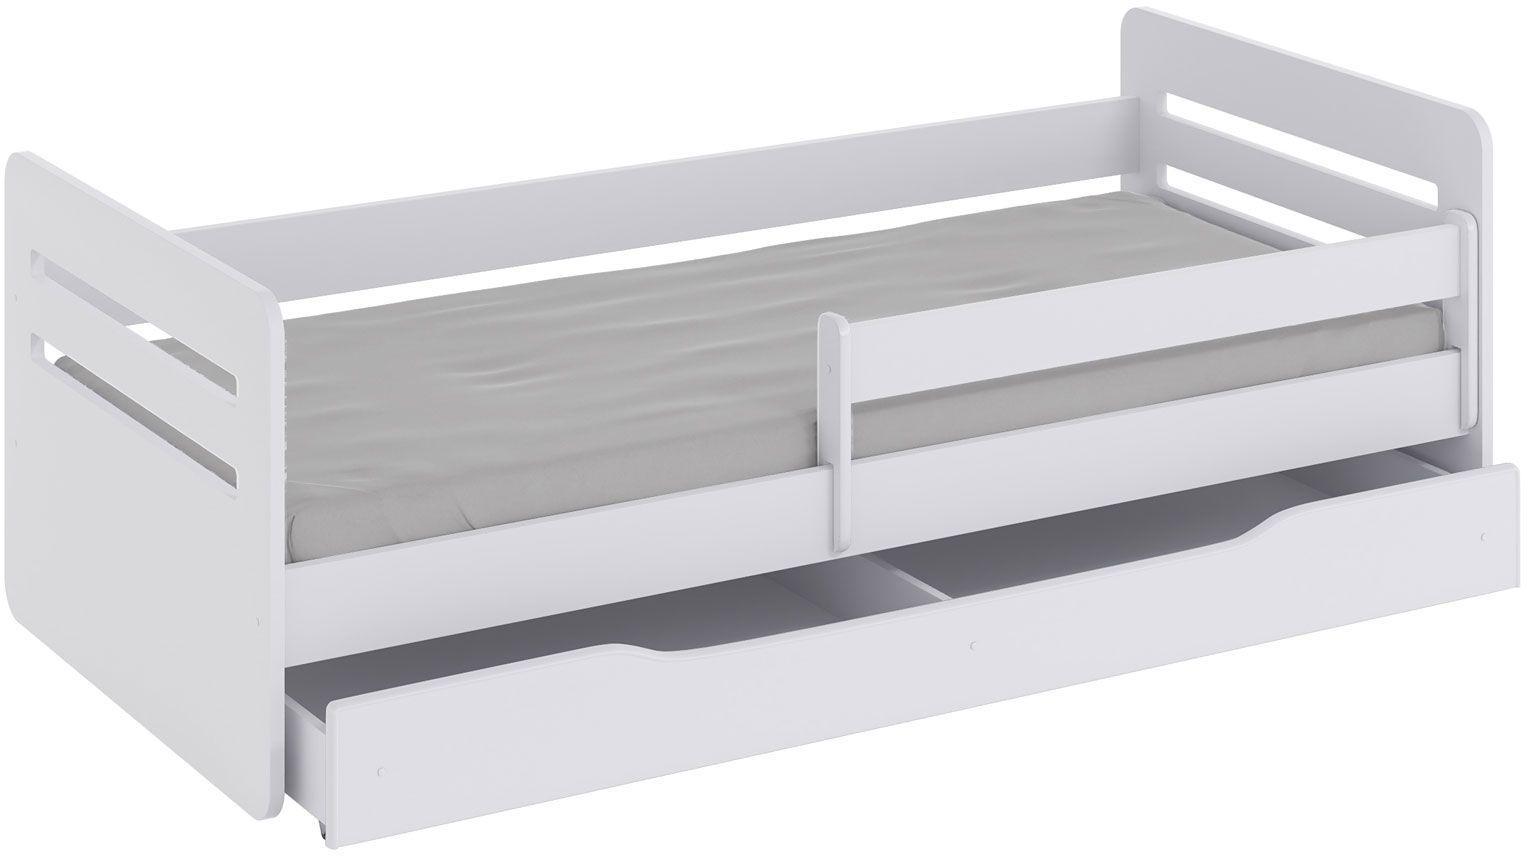 Łóżko dla dziecka z materacem Candy 2X 80x140 - białe